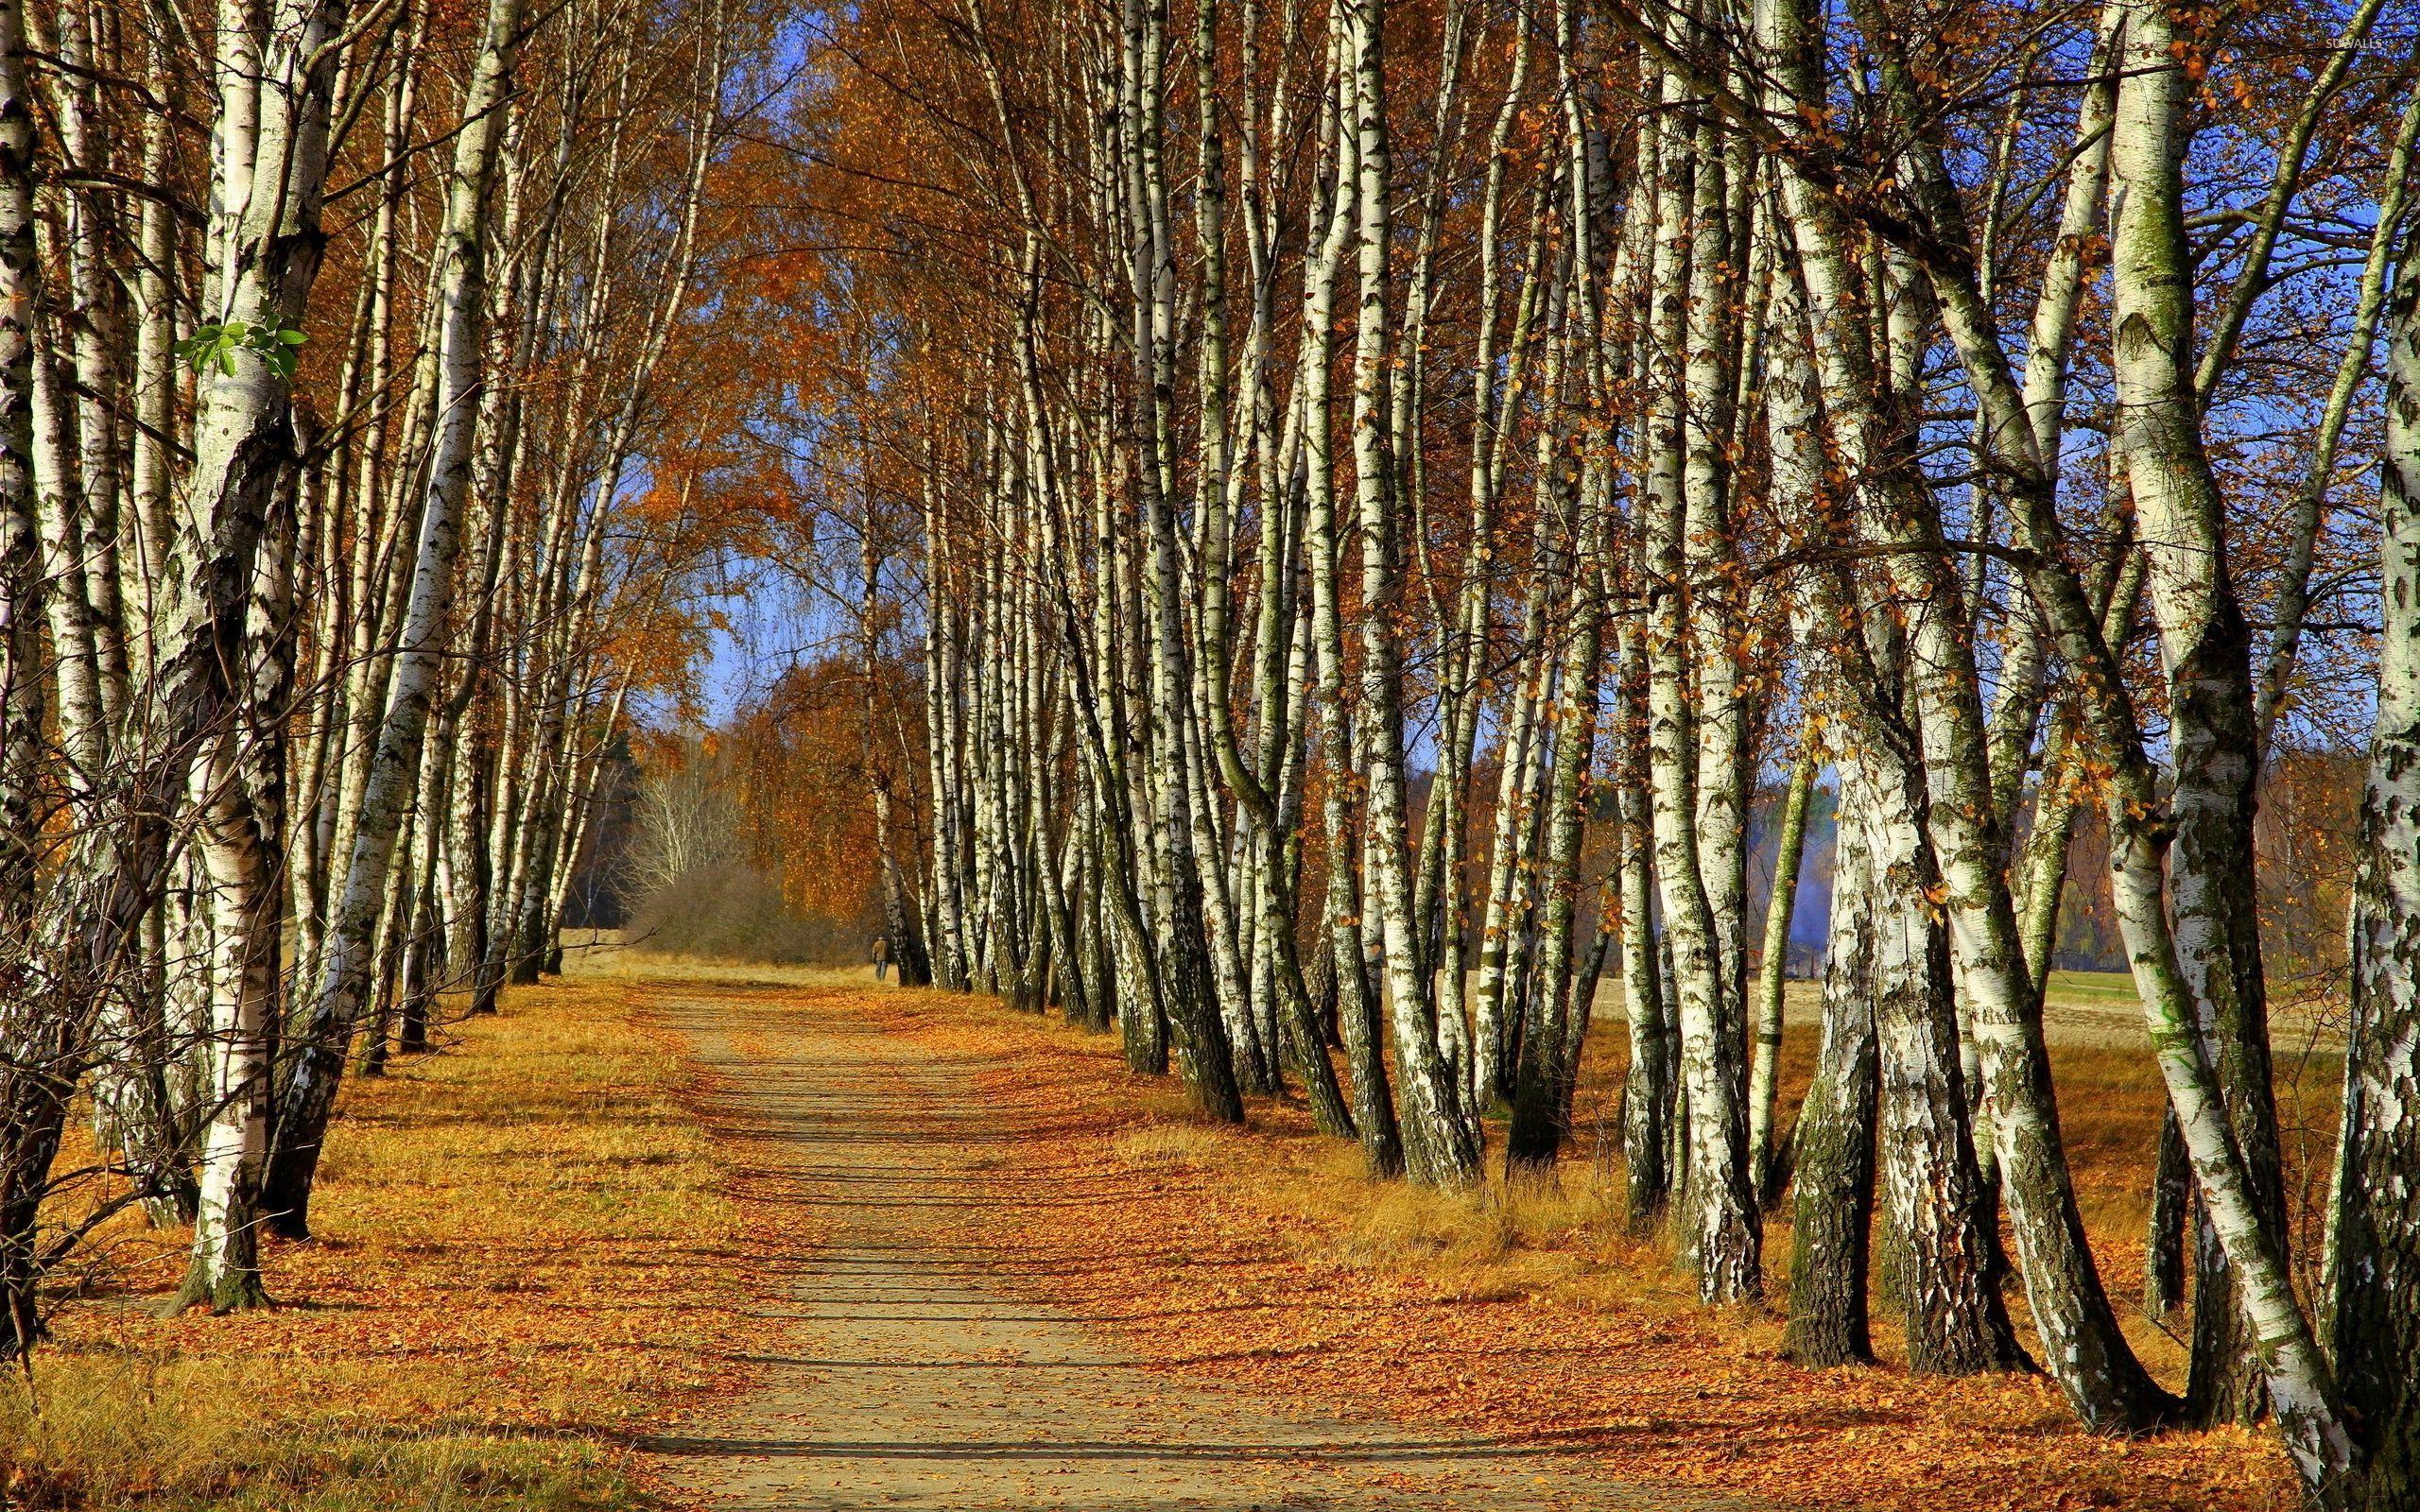 Fall Leaves Hd Wallpapers 1080p Birch Wallpapers Hd Pixelstalk Net